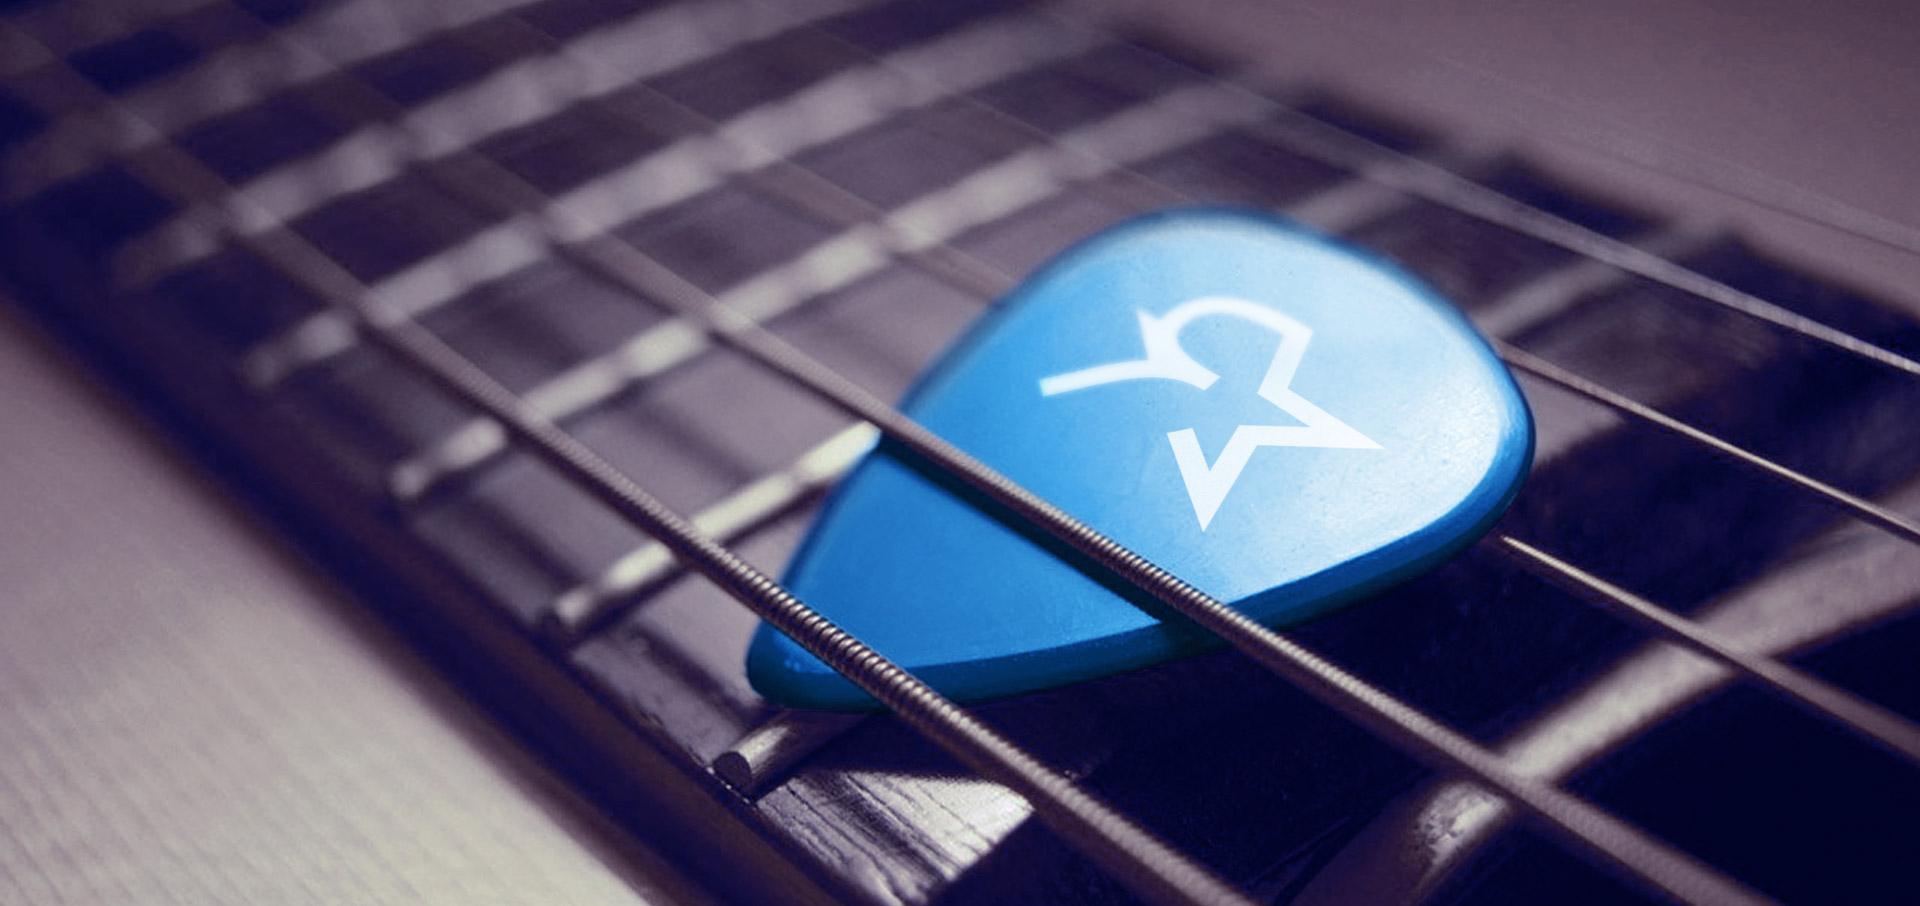 Я-звезда-разработка-логотипа-социального-веб-портала